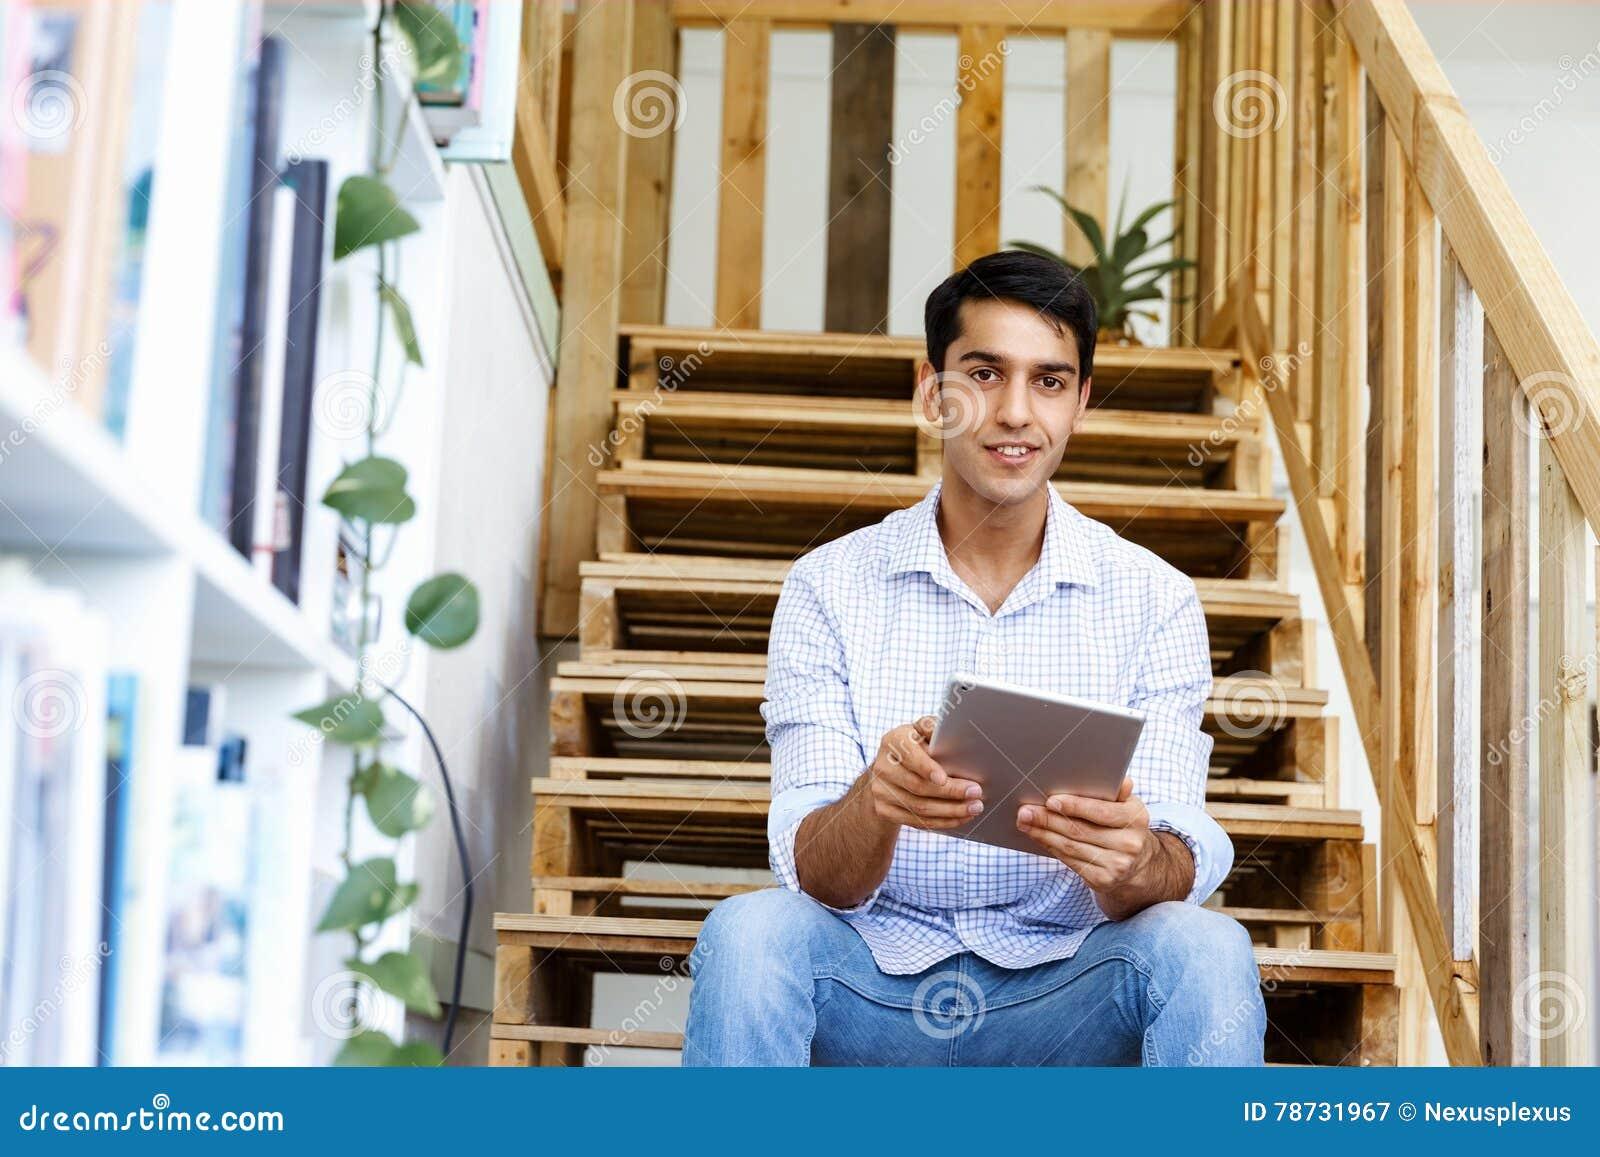 Stående av sammanträde för ung man på trappan i regeringsställning